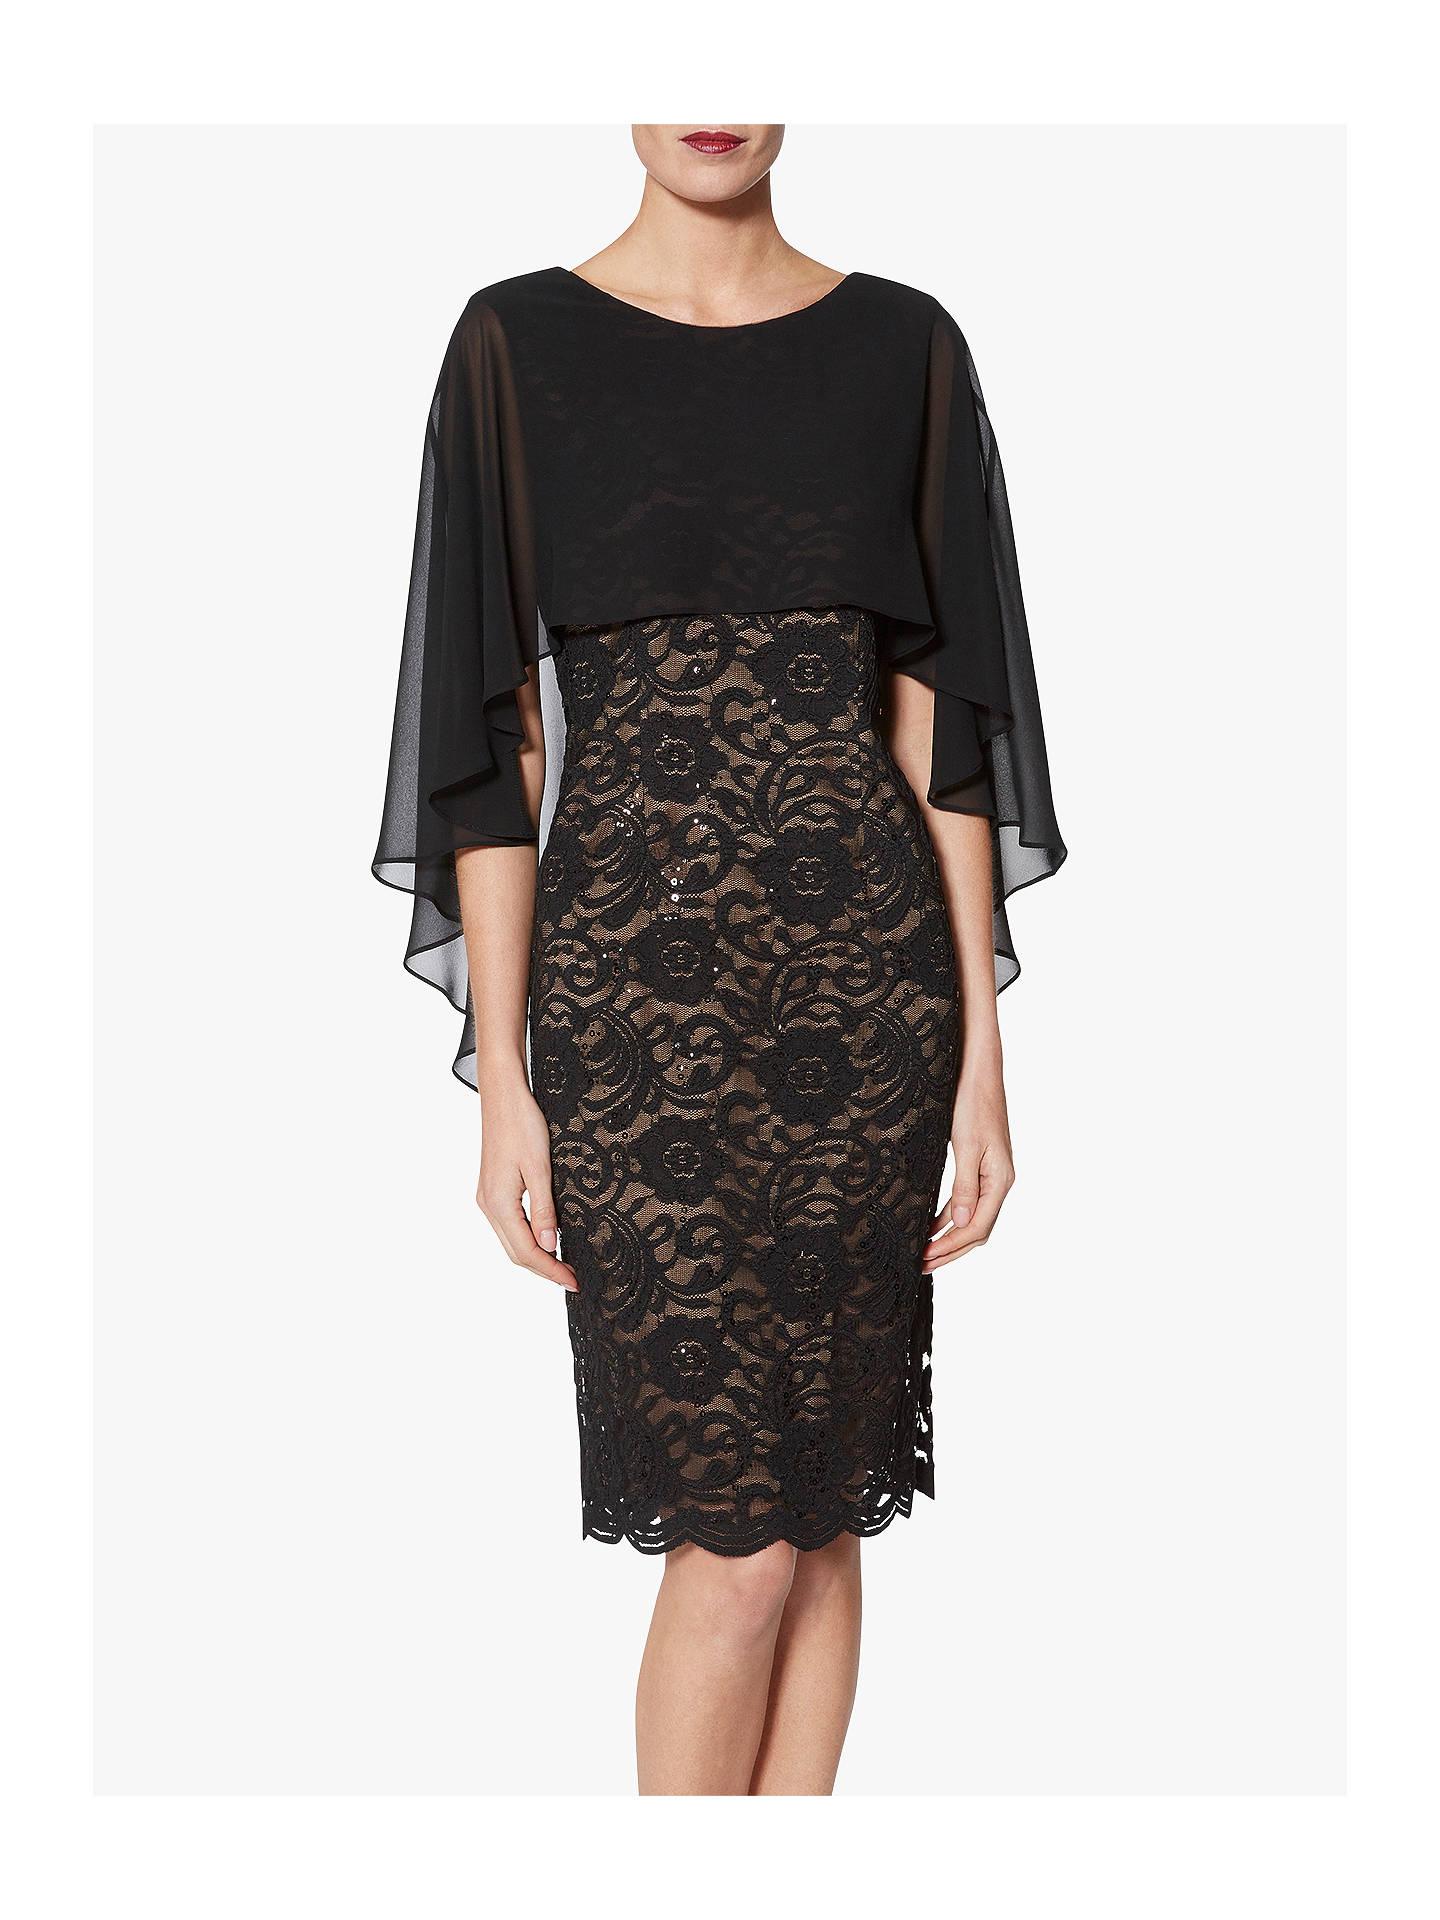 6146b285383398 Buy Gina Bacconi Athena Lace Dress With Chiffon Cape